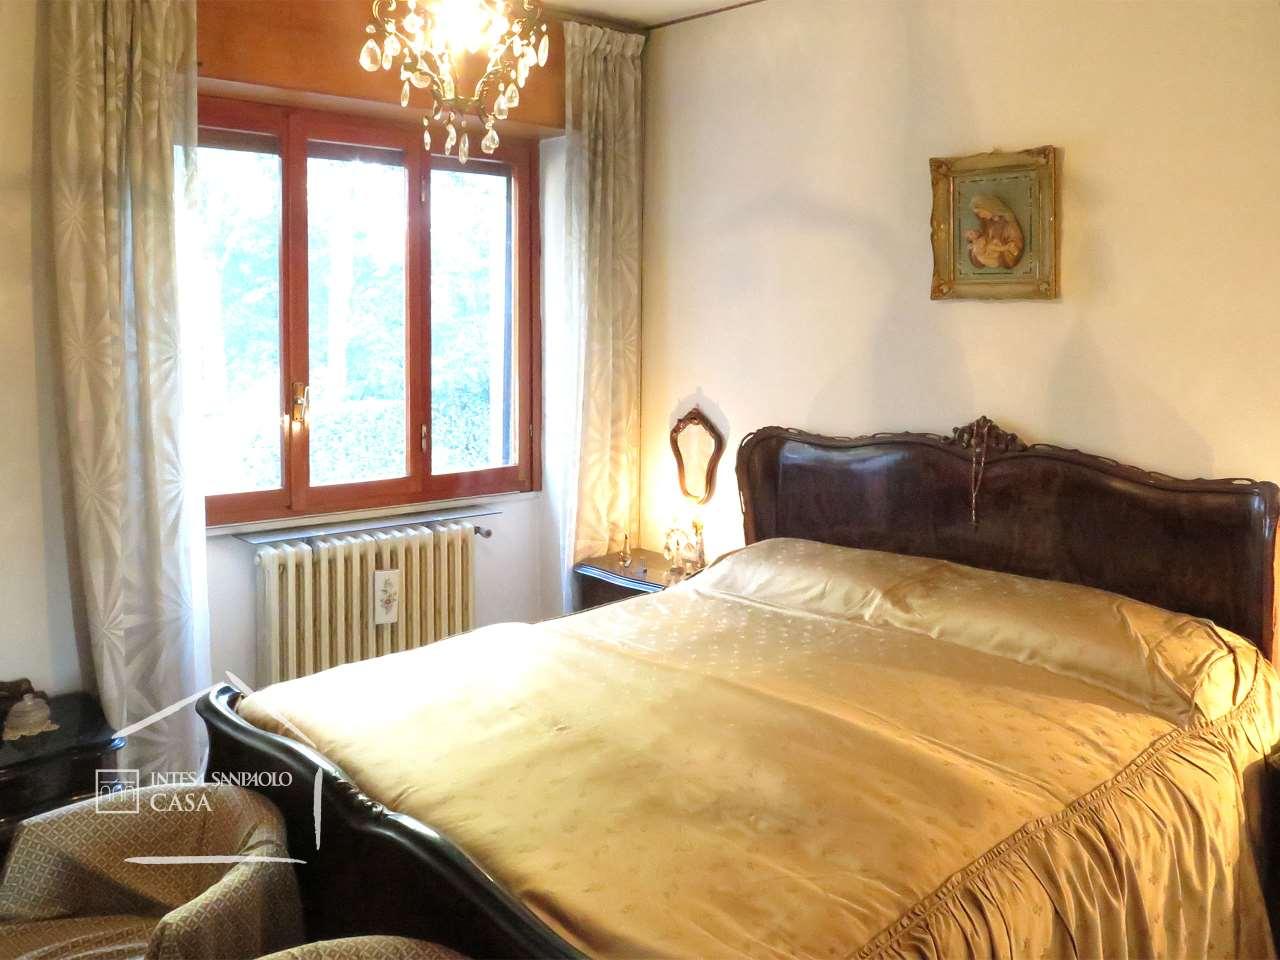 Casa indipendente in Vendita a Veduggio Con Colzano: 5 locali, 208 mq - Foto 5